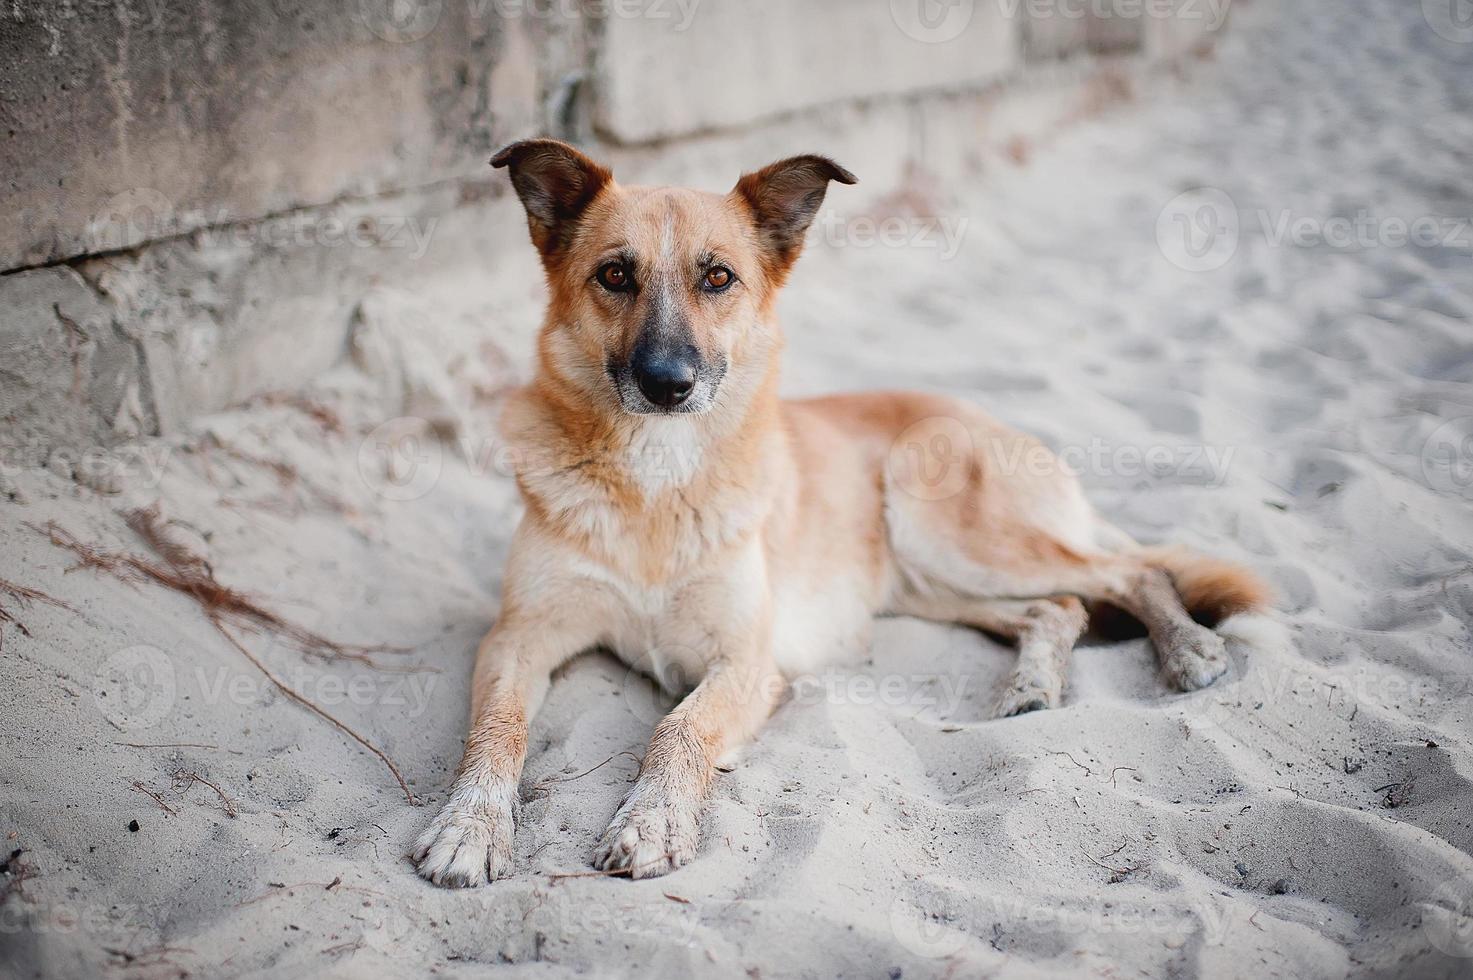 hond liggend op het zand foto